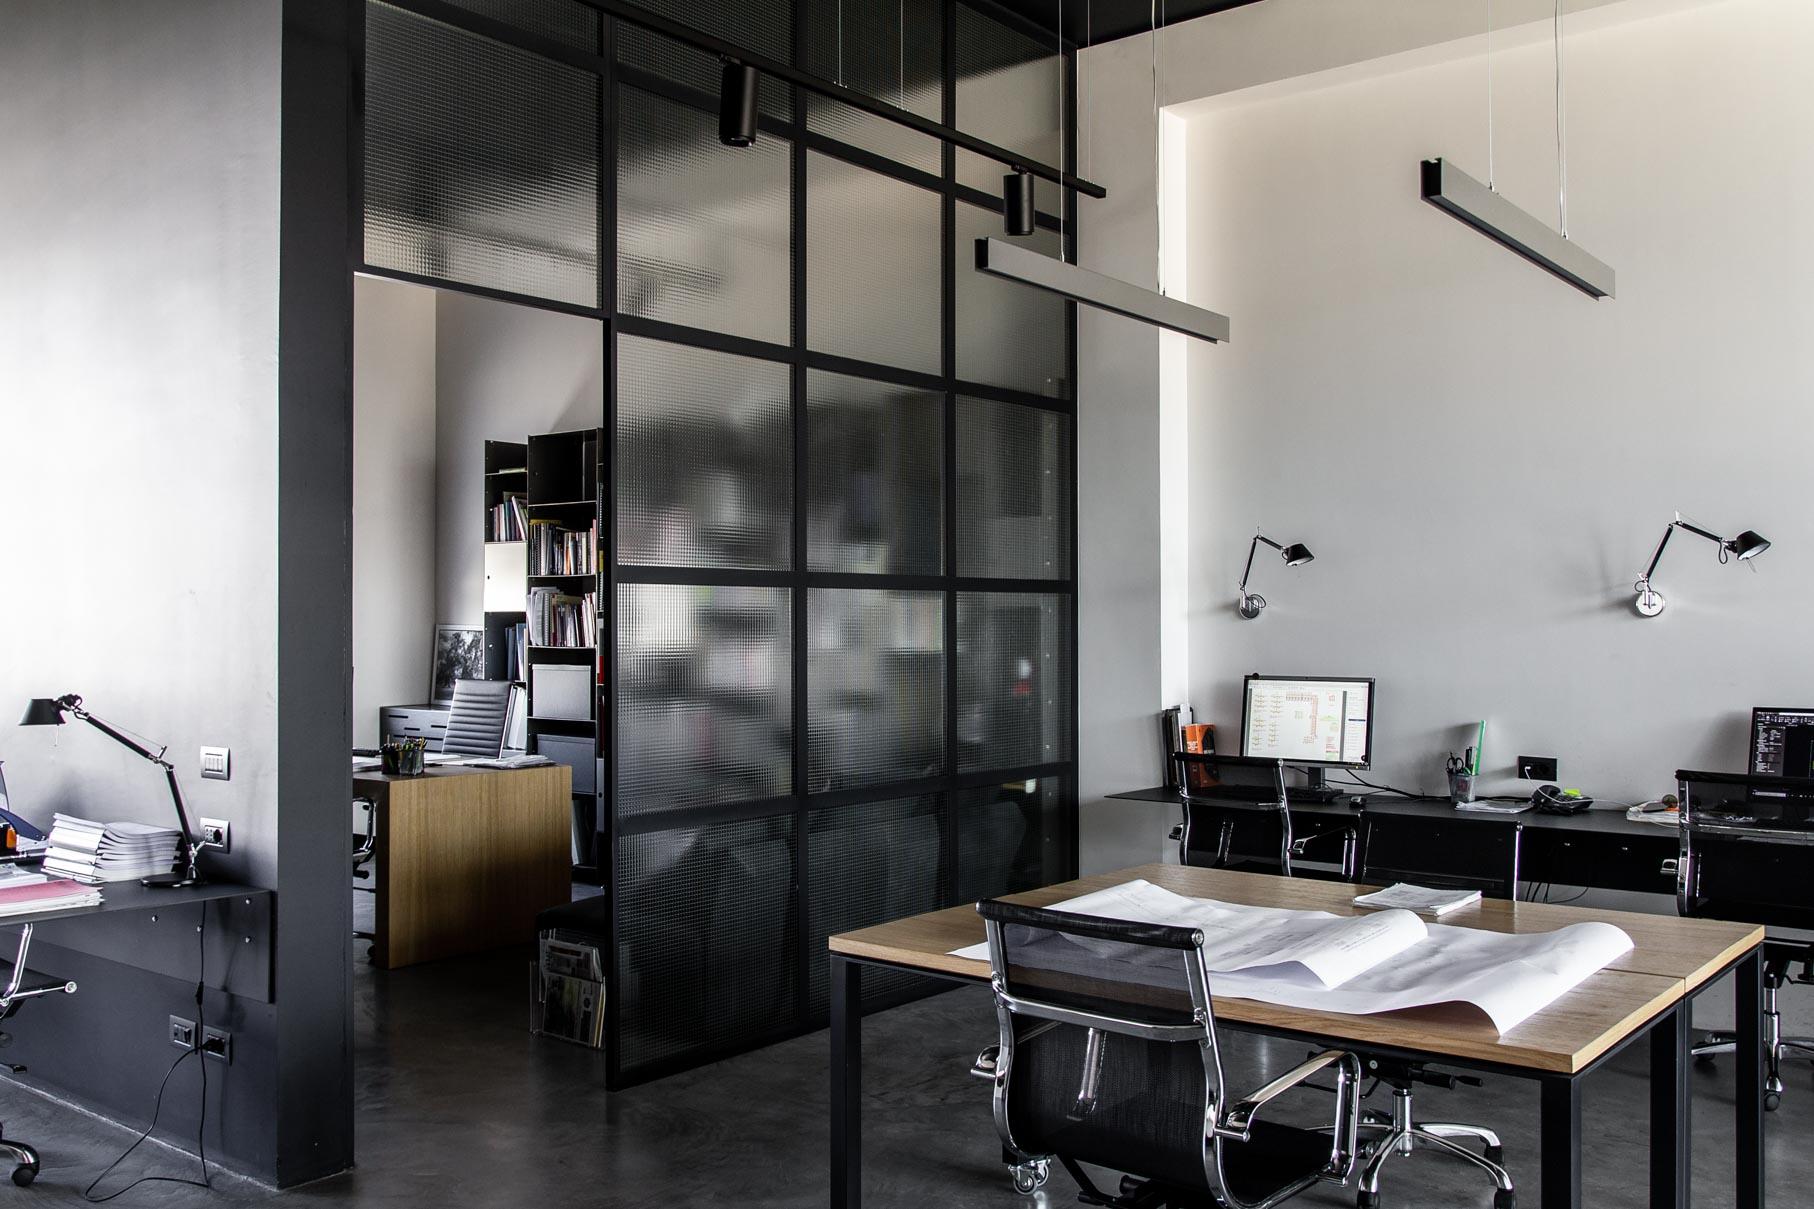 Parete Ferro E Vetro tour del nuovo ufficio: cemento, ferro e vetro armato - a